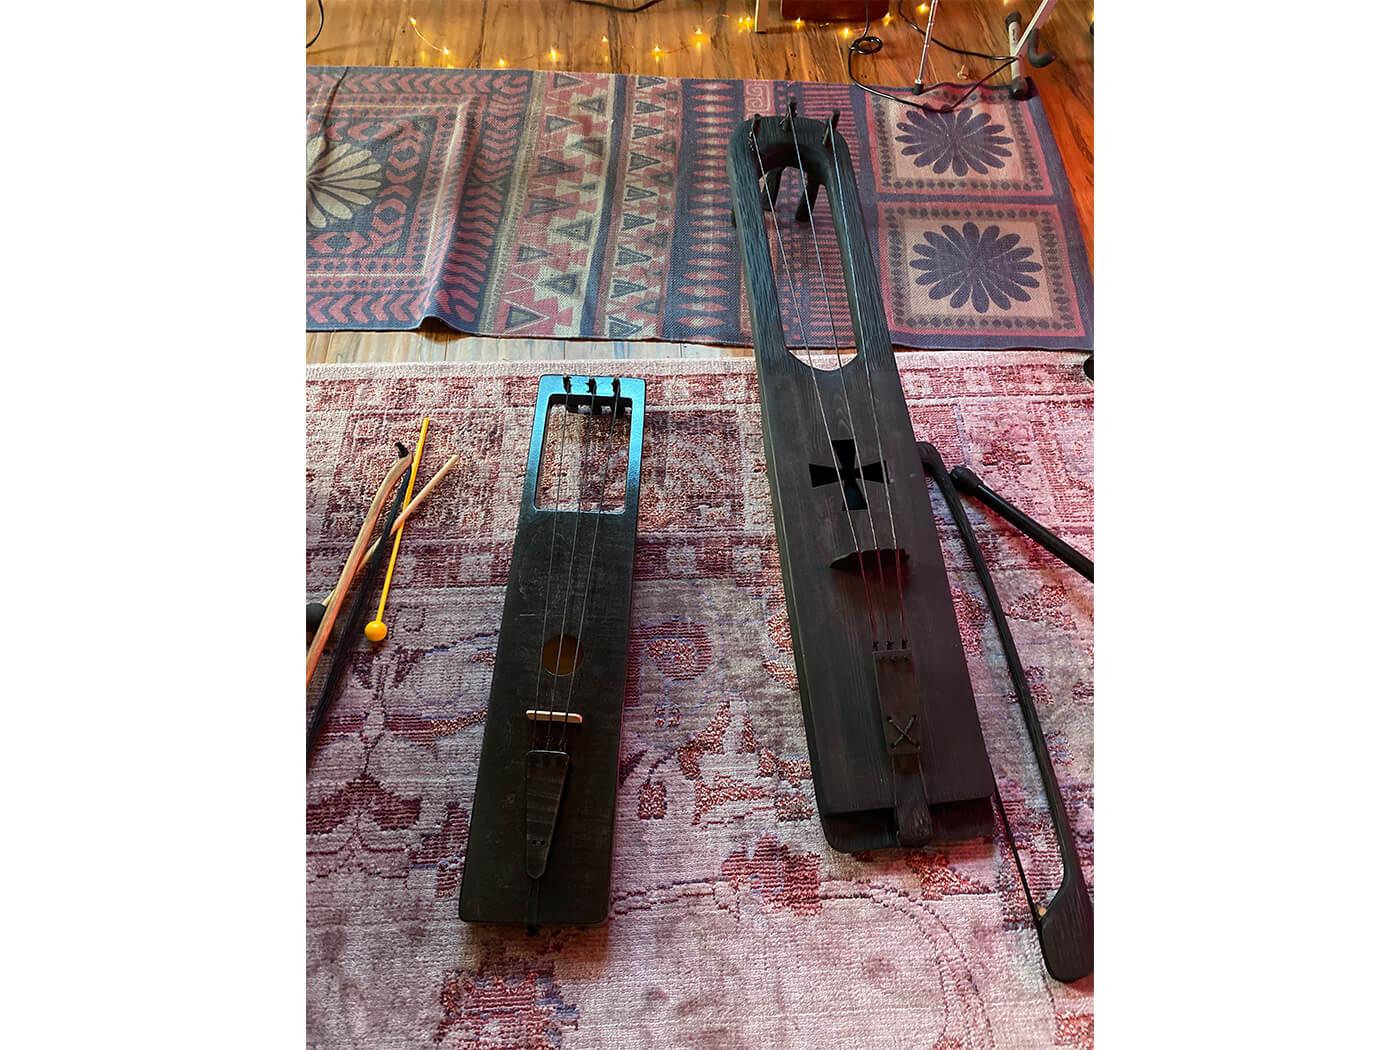 Assassins Creed Valhalla Sarah Schachner instruments